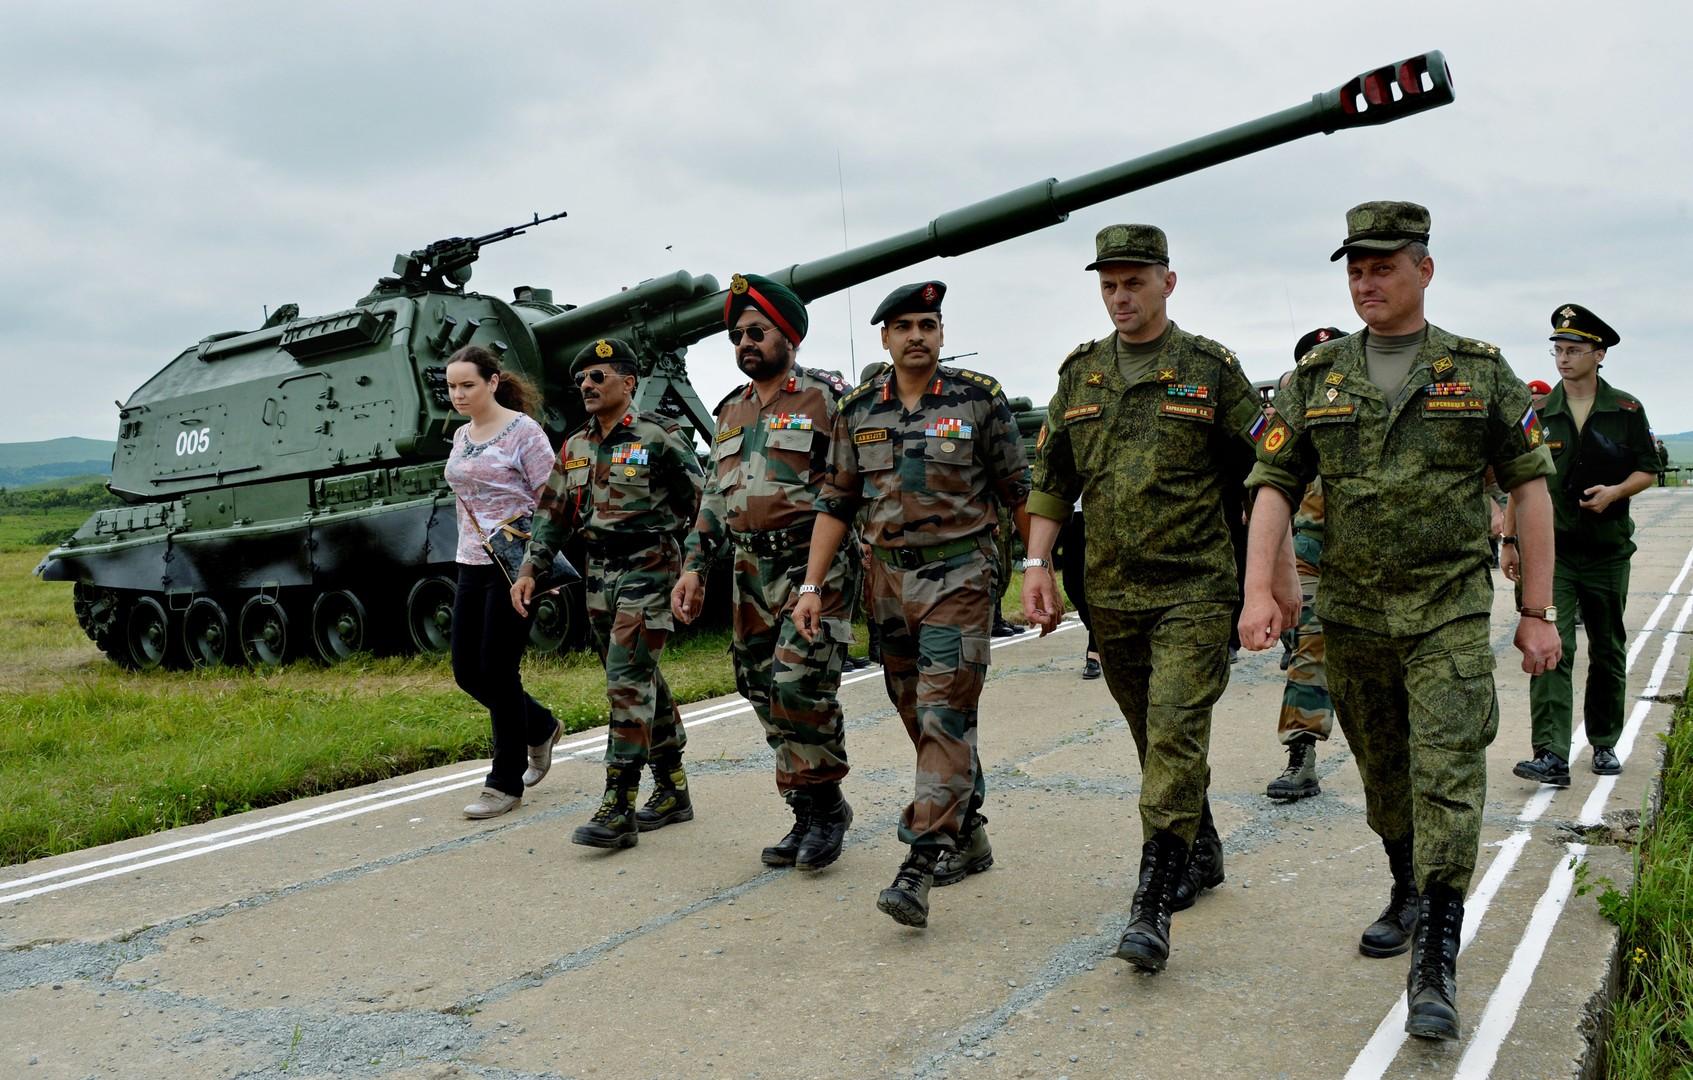 Индийские и российские военные во время осмотра боевой техники на полигоне Сергеевский в Приморском крае. Индийская военная делегация прибыла в 5-ю общевойсковую армию с целью подготовки совместных российско-индийских учений сухопутных войск «Индра-2016».